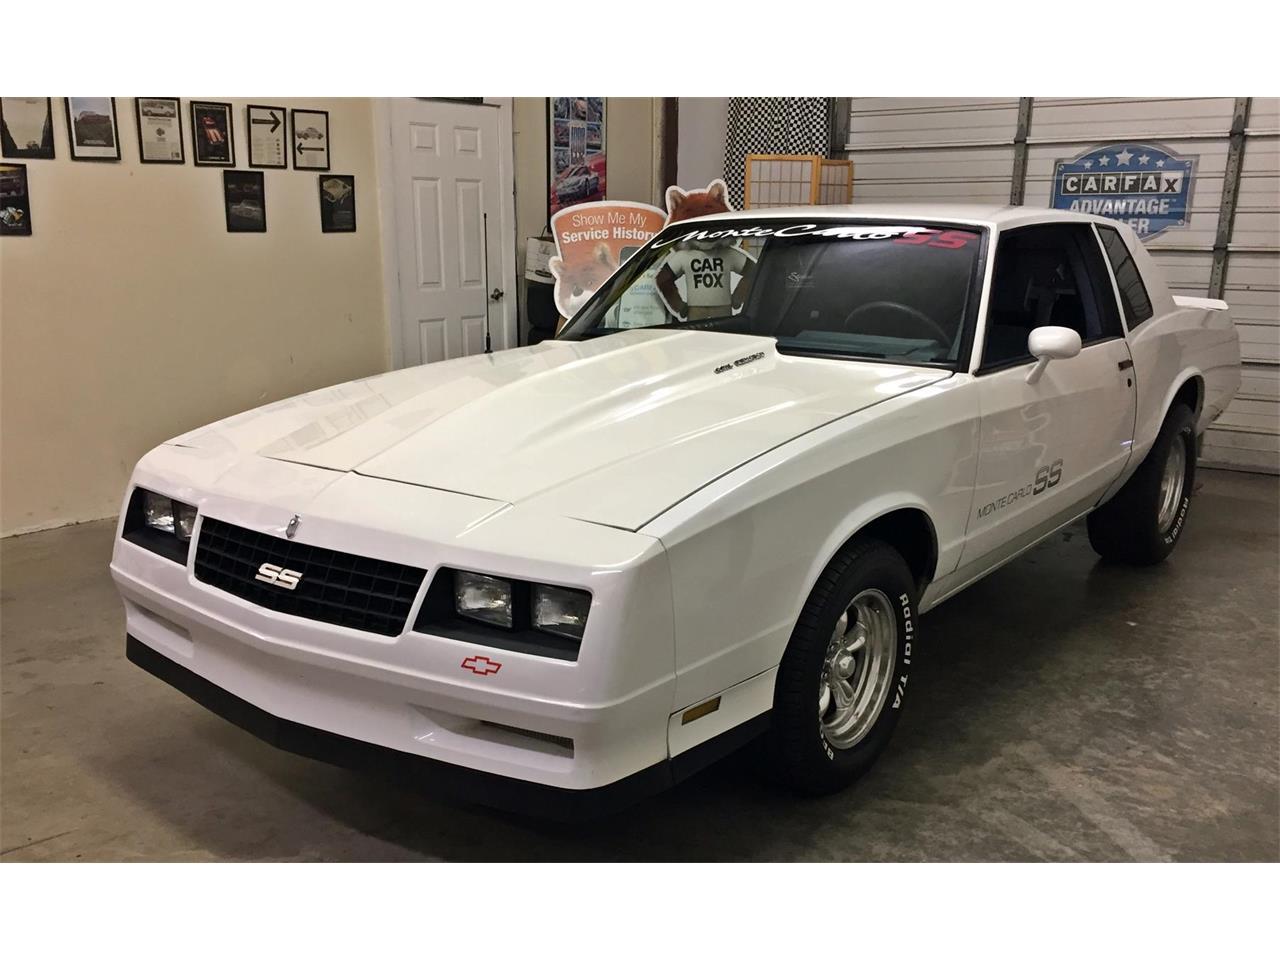 For Sale: 1984 Chevrolet Monte Carlo SS in Alpharetta, Georgia